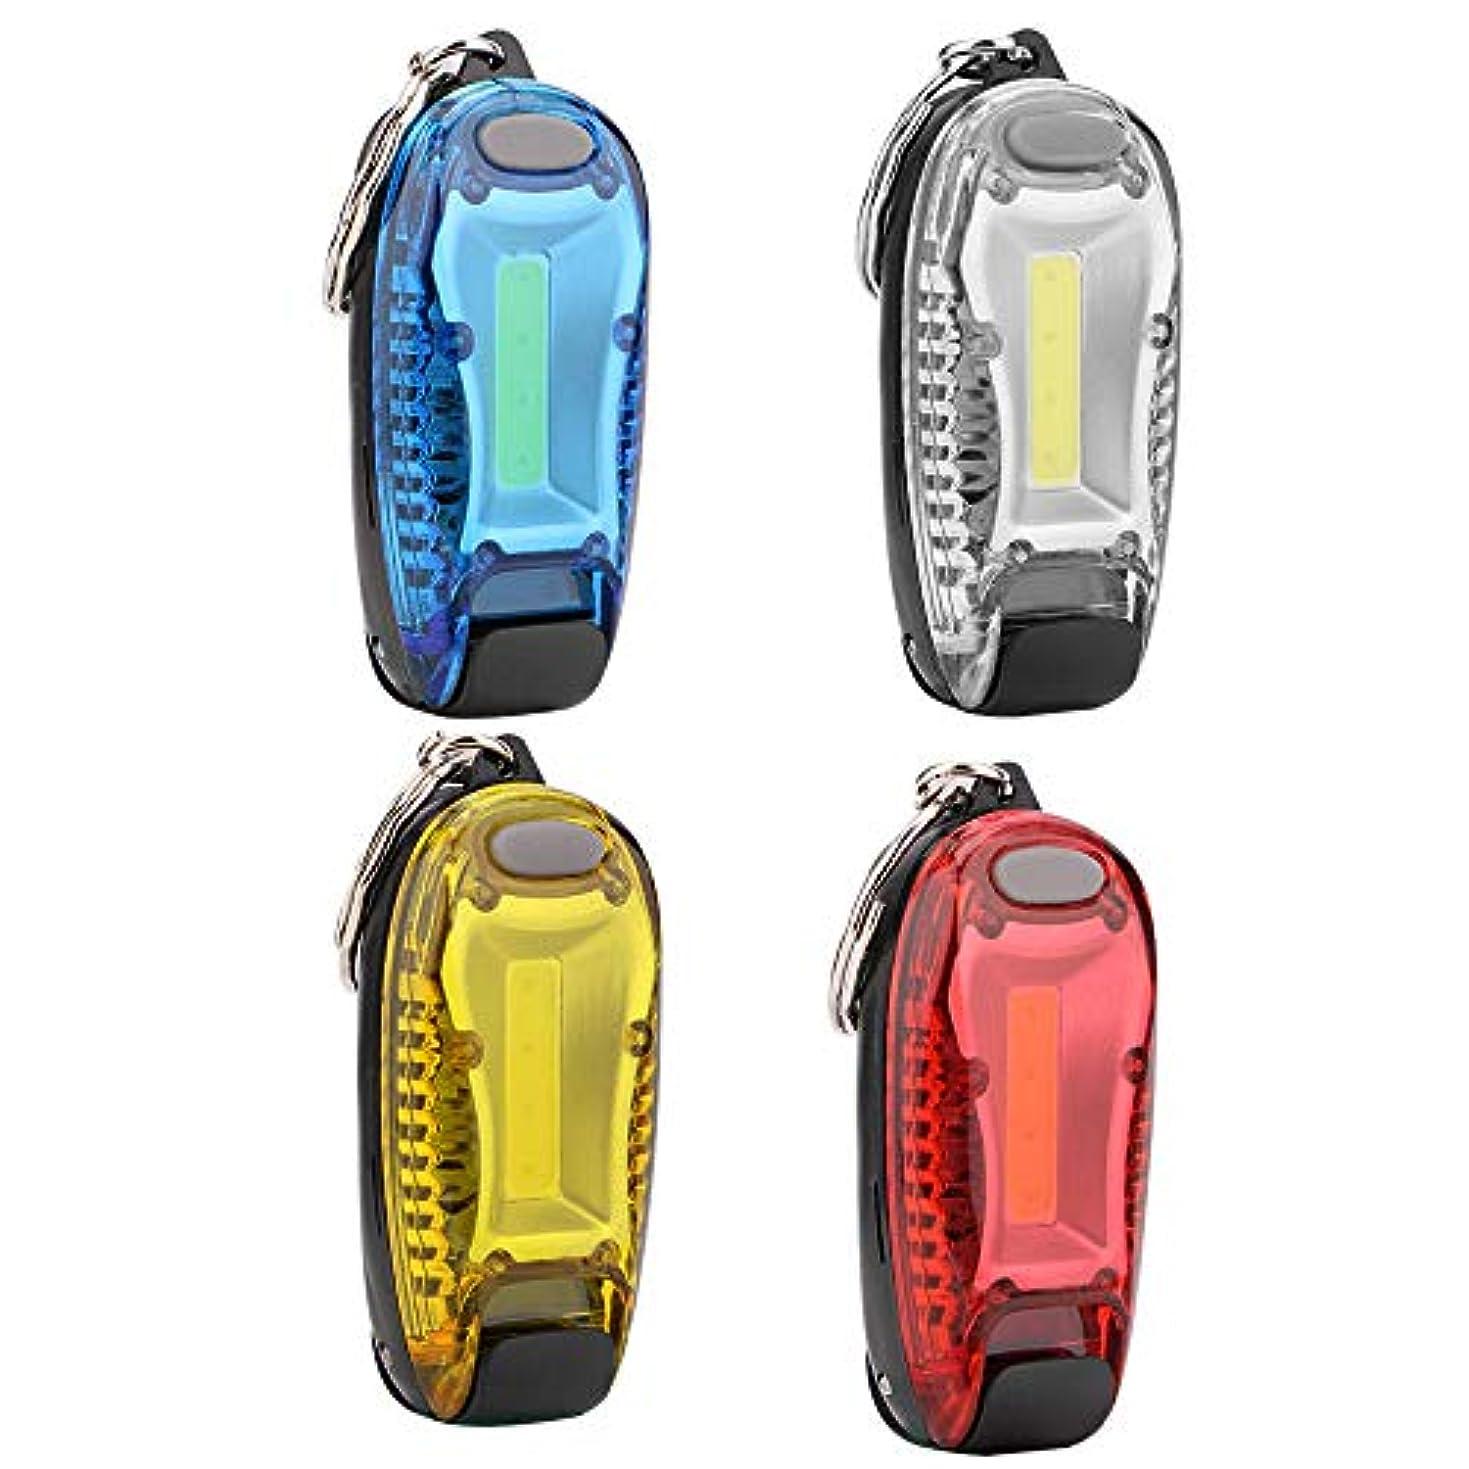 確認してください真実必要とする4パックセーフティライト、LEDセーフティライト3モードストロボクリップ、ランニング、ウォーキング、サイクリング、犬、ヘルメット用(ランダム配色)